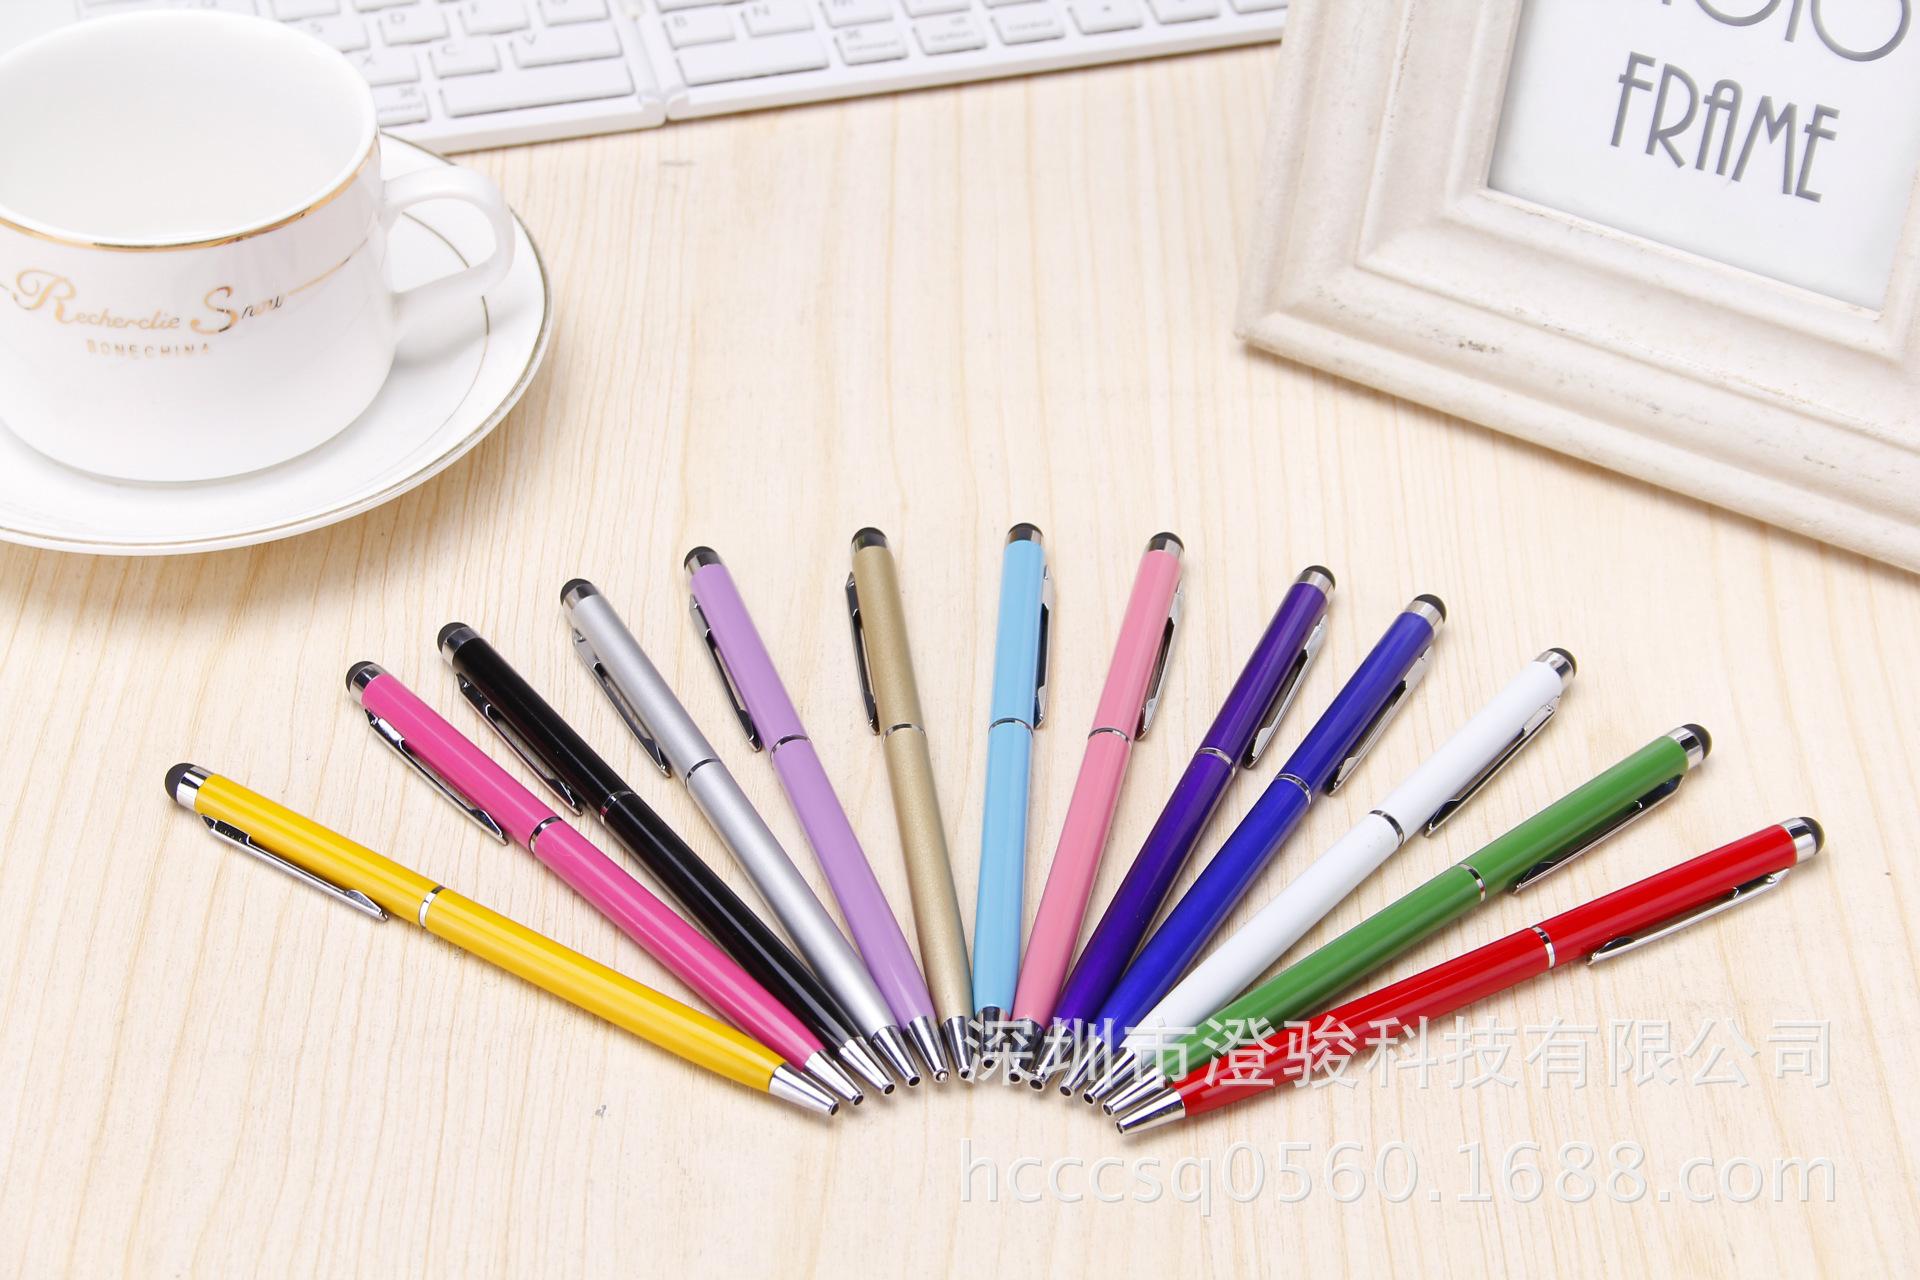 小高士多功能电容笔 两用手写笔 触摸笔 通用触控笔